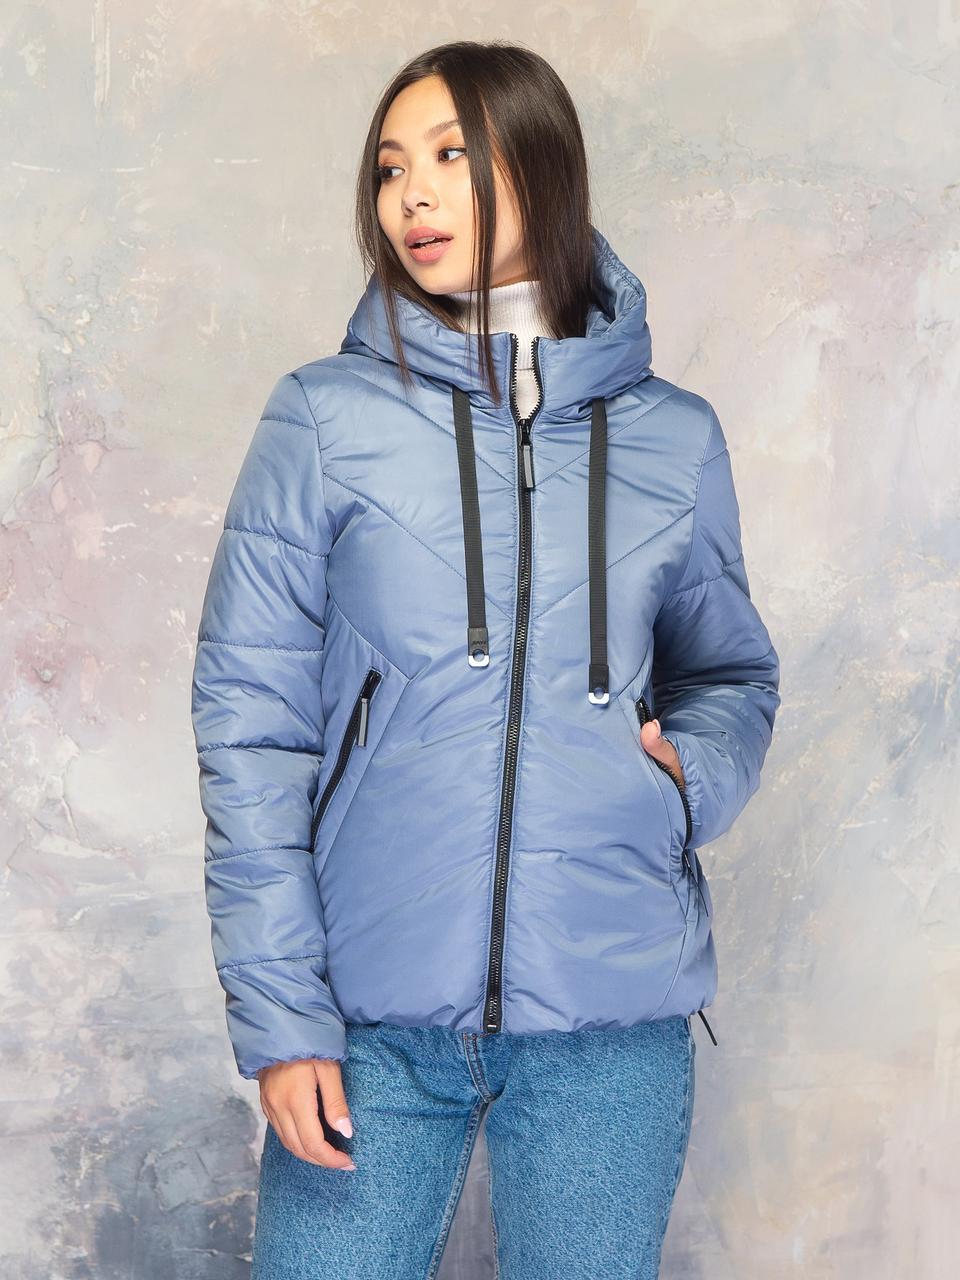 Демисезонная женская куртка размер плюс Лира серая (42-56)